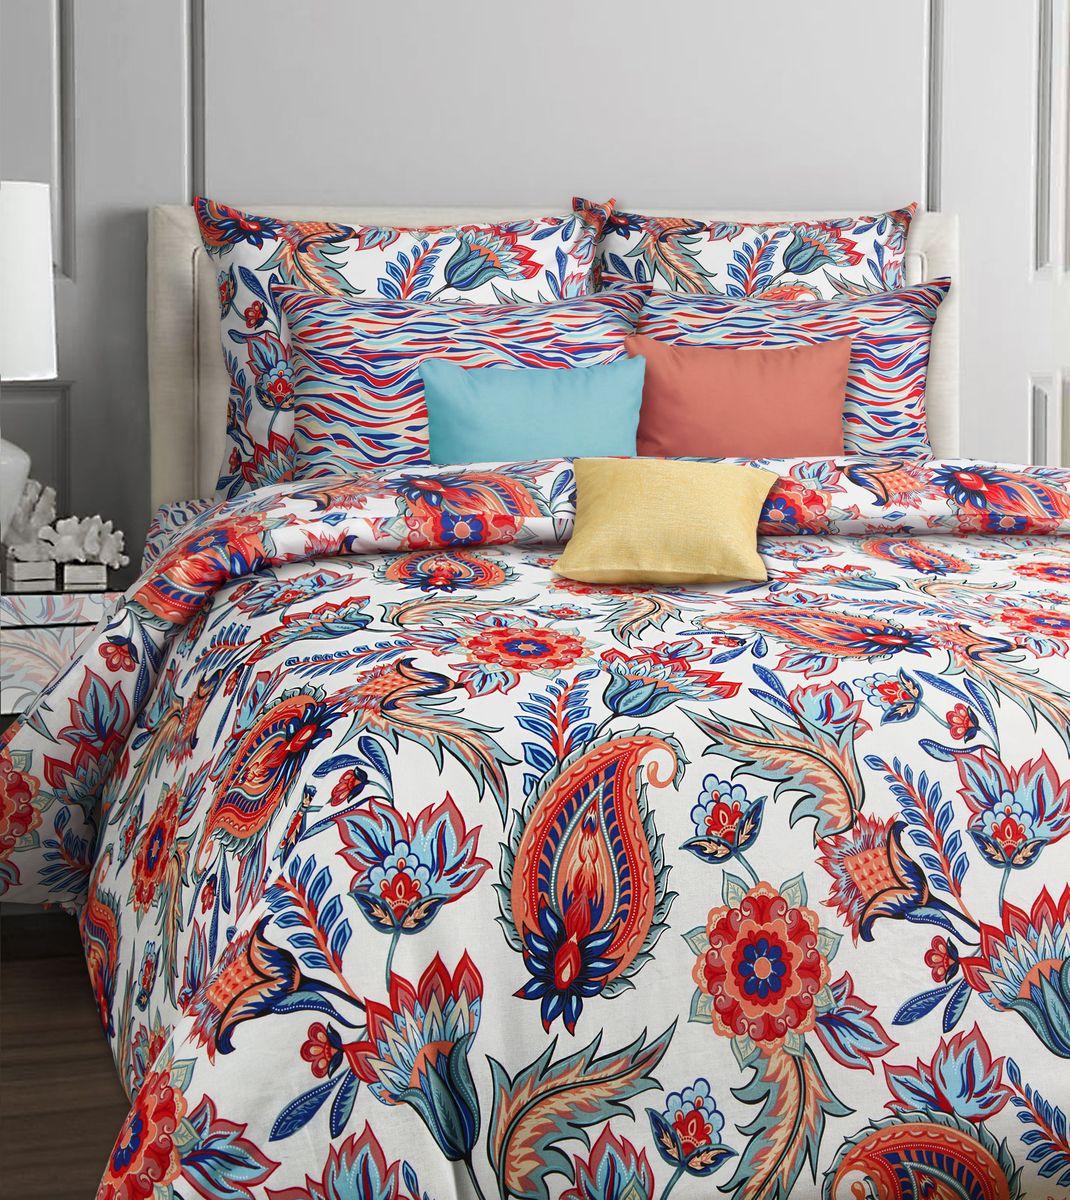 Комплект постельного белья Mona Liza Classik. Leila, 2-спальный, наволочки 50х70552205/45Комплект белья Mona Liza, выполненный из бязи, состоит из пододеяльника, простыни и двух наволочек. Изделия оформлены ярким рисунком. Такой комплект постельного белья станет отличным подарком для родных и близких.